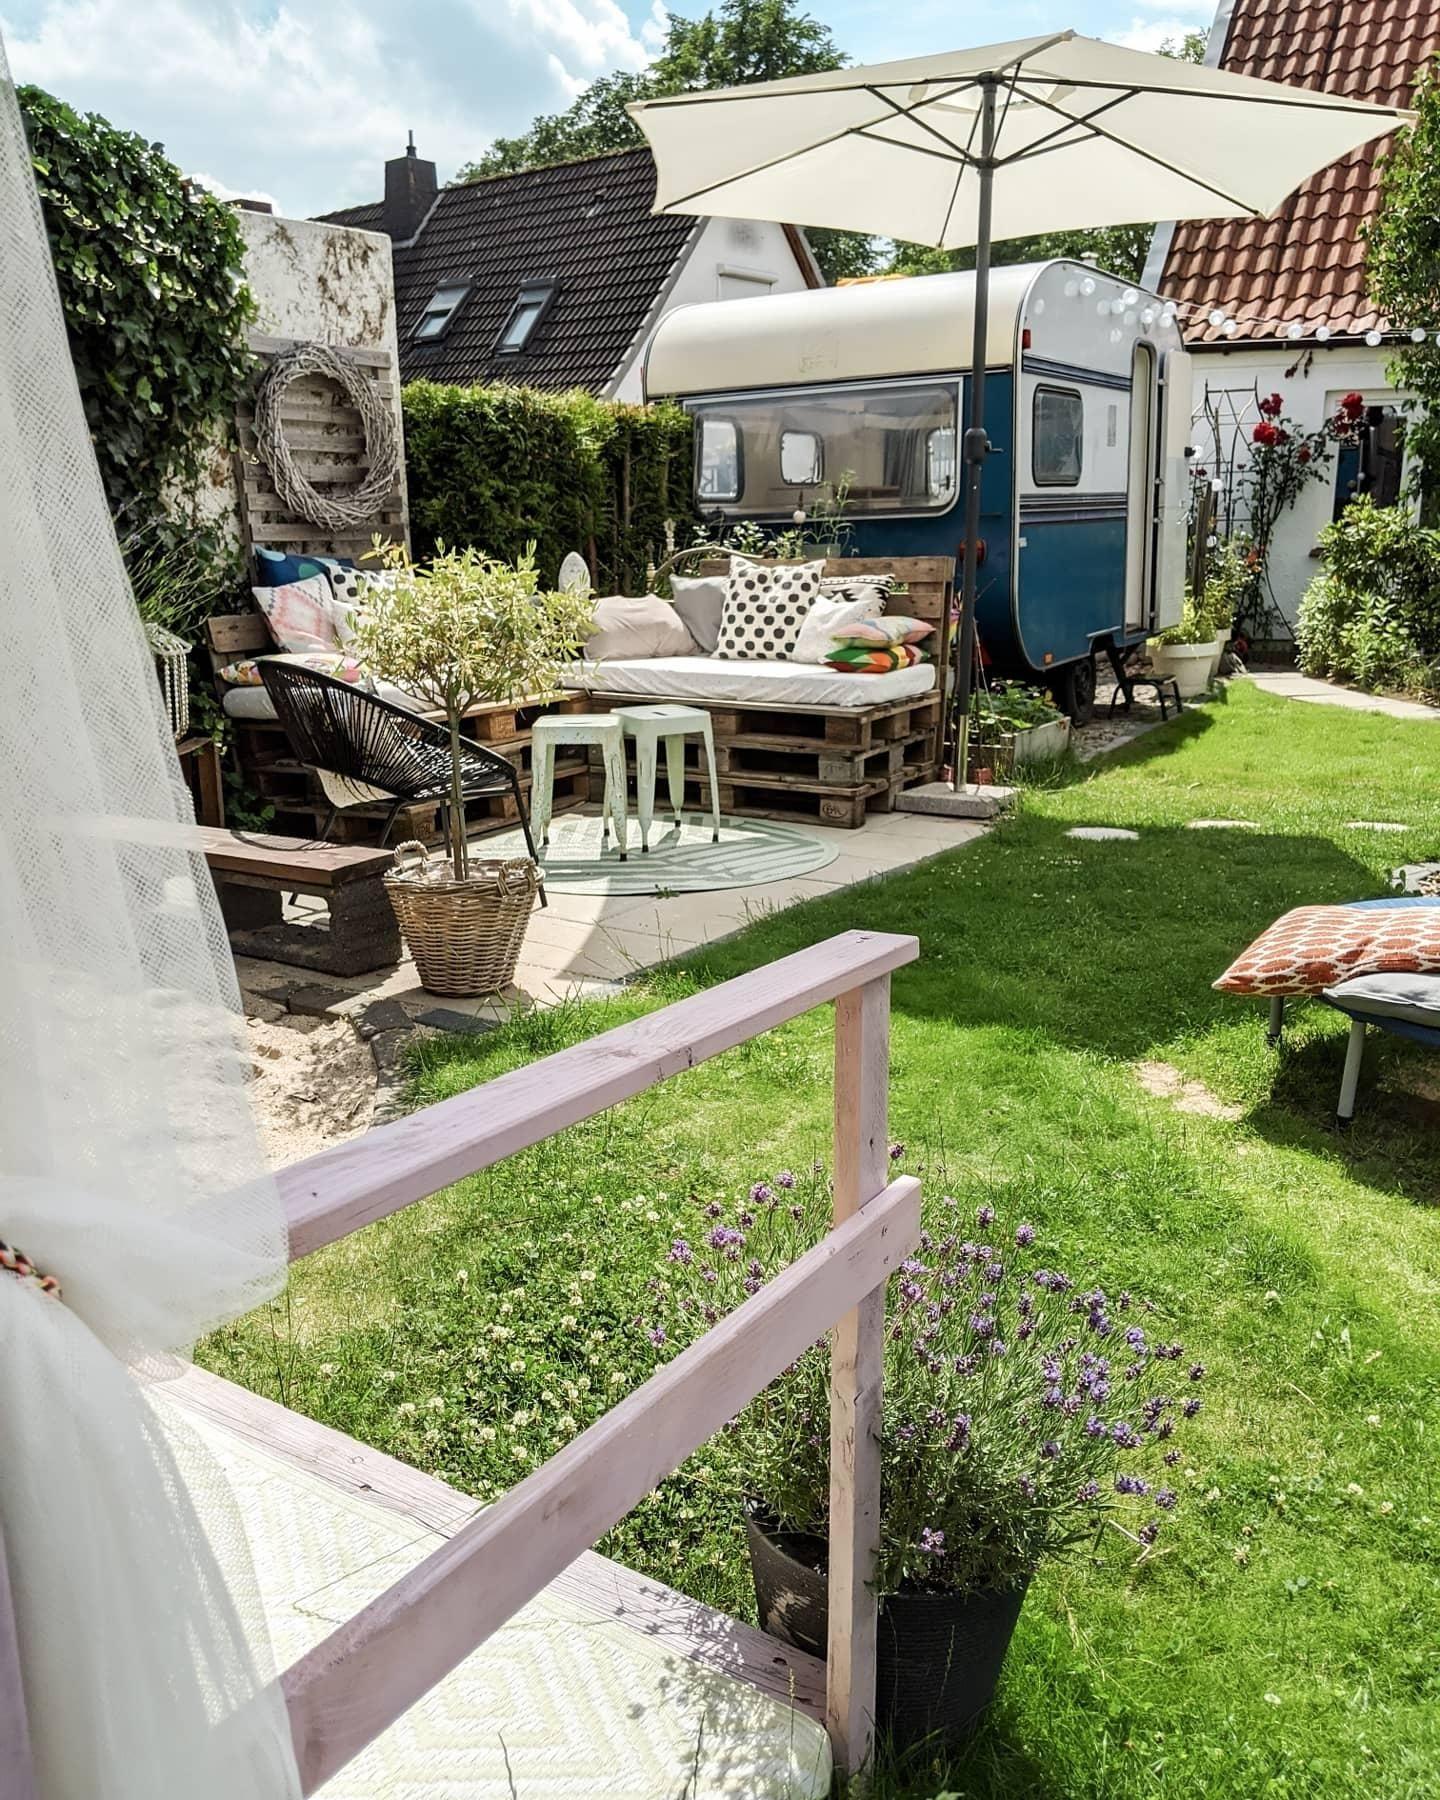 Wohnwagen Caravan Gartenideen Garten Outd Garten Garten Terrasse Garten Ideen